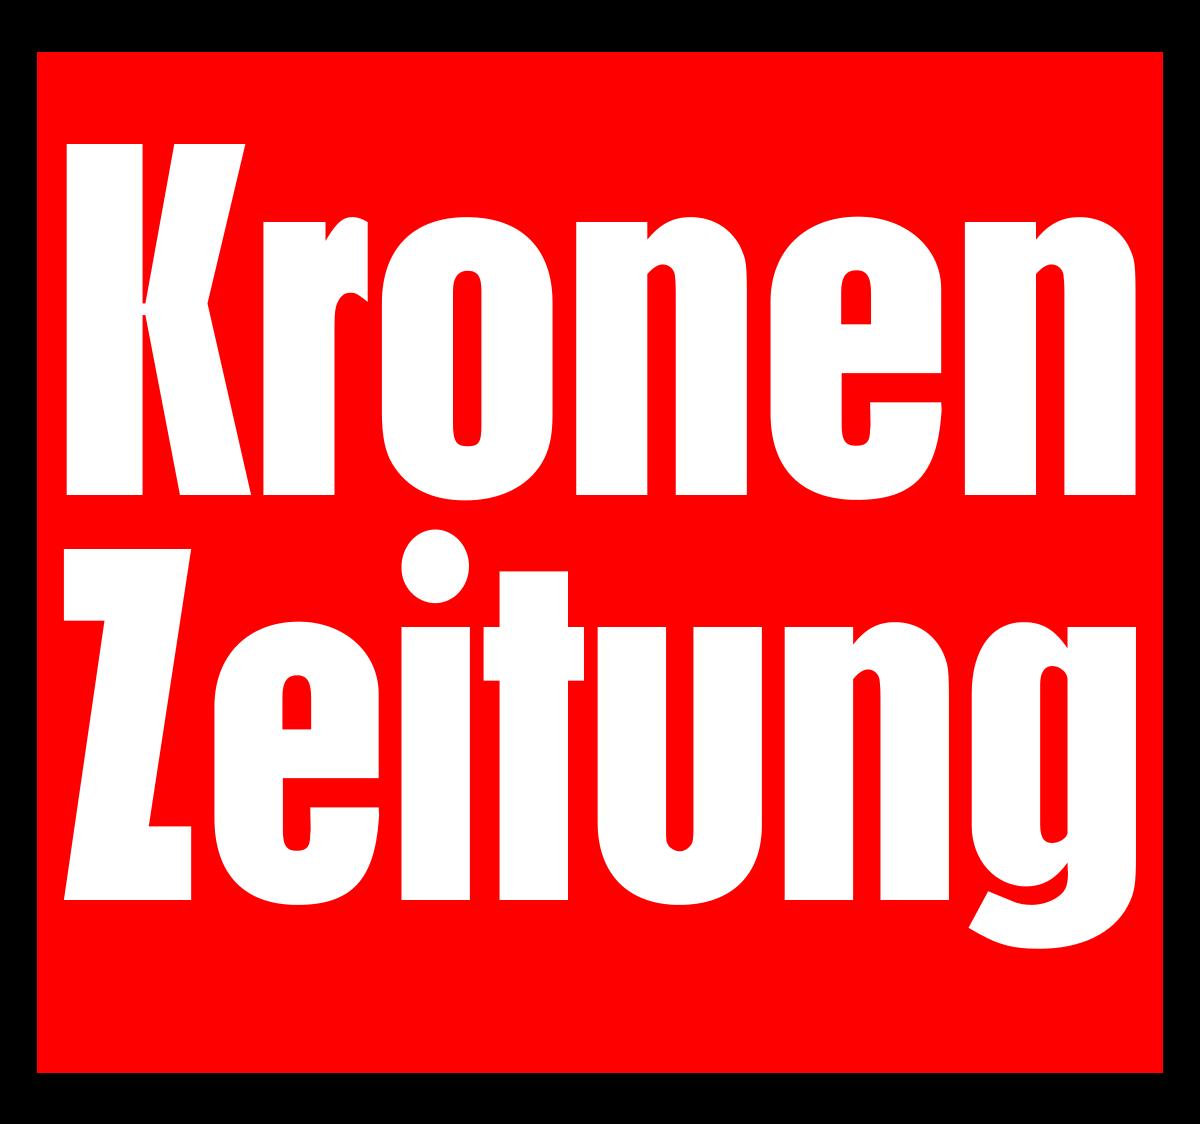 Kronen Zeitung - Der Eigensinnig wächst | eigensinnig wien